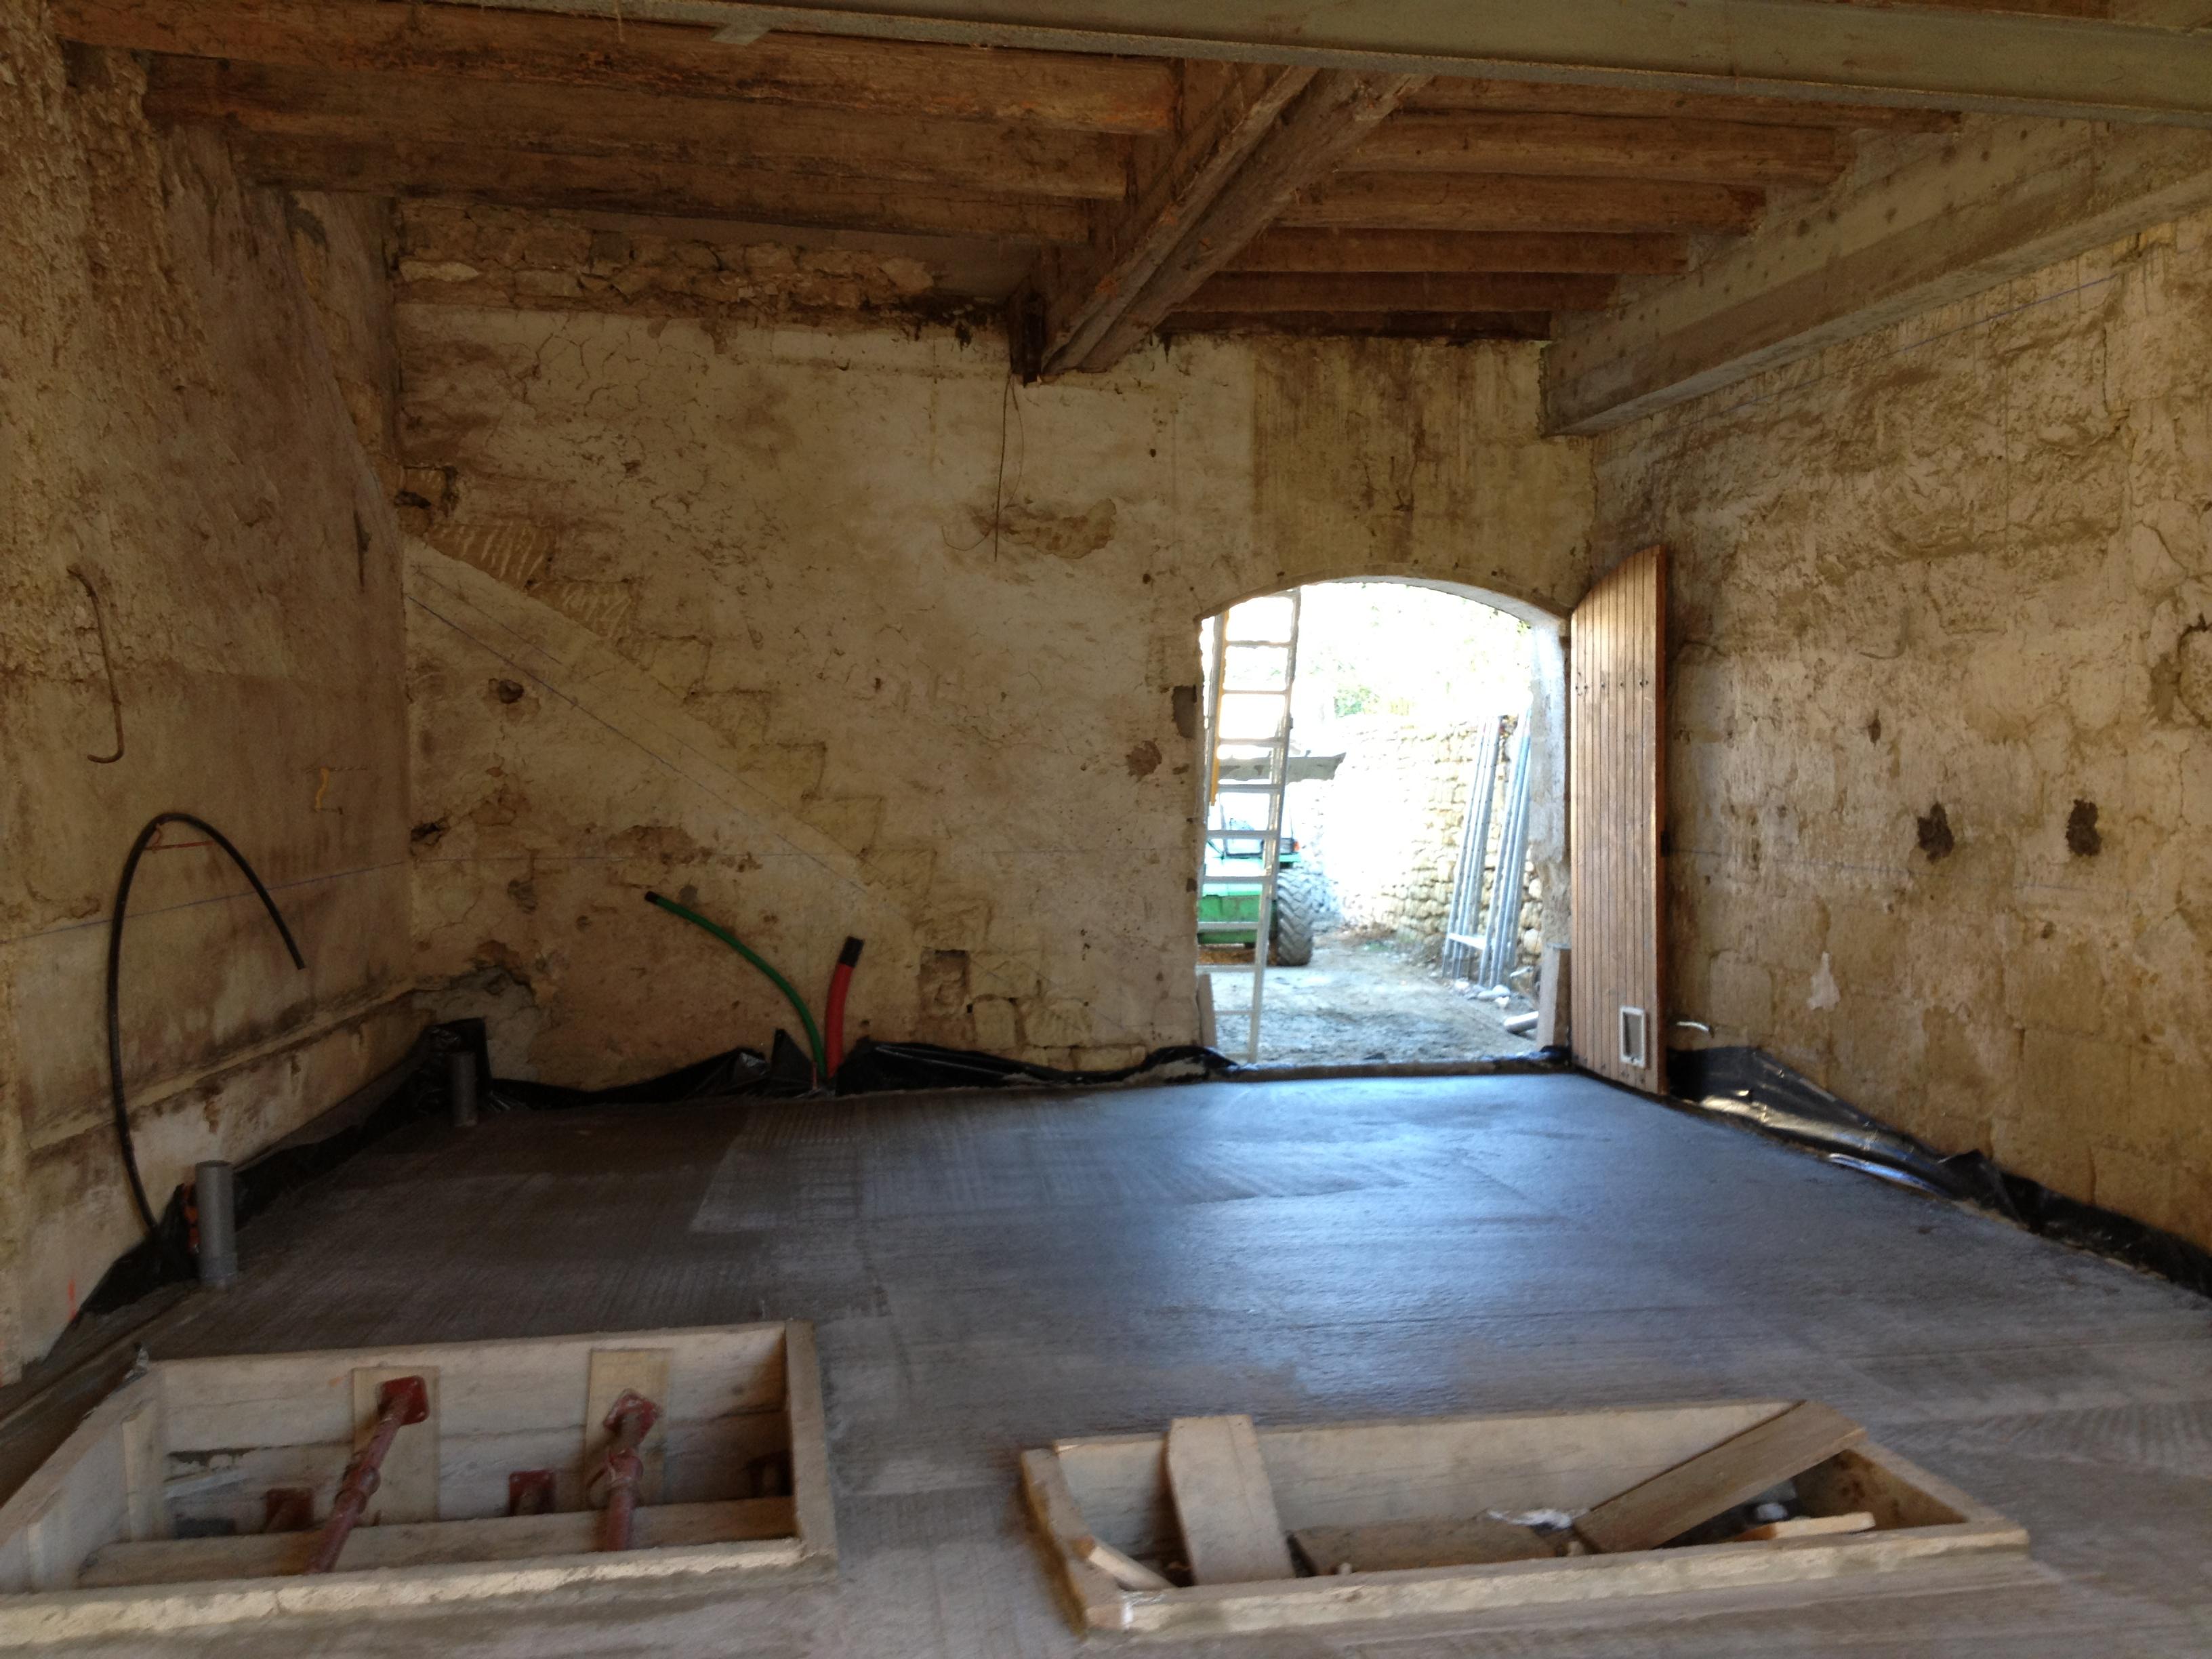 Desportes Rénovation Gard : cave, deux réservations pour accueillir la structure métallique sur mesur